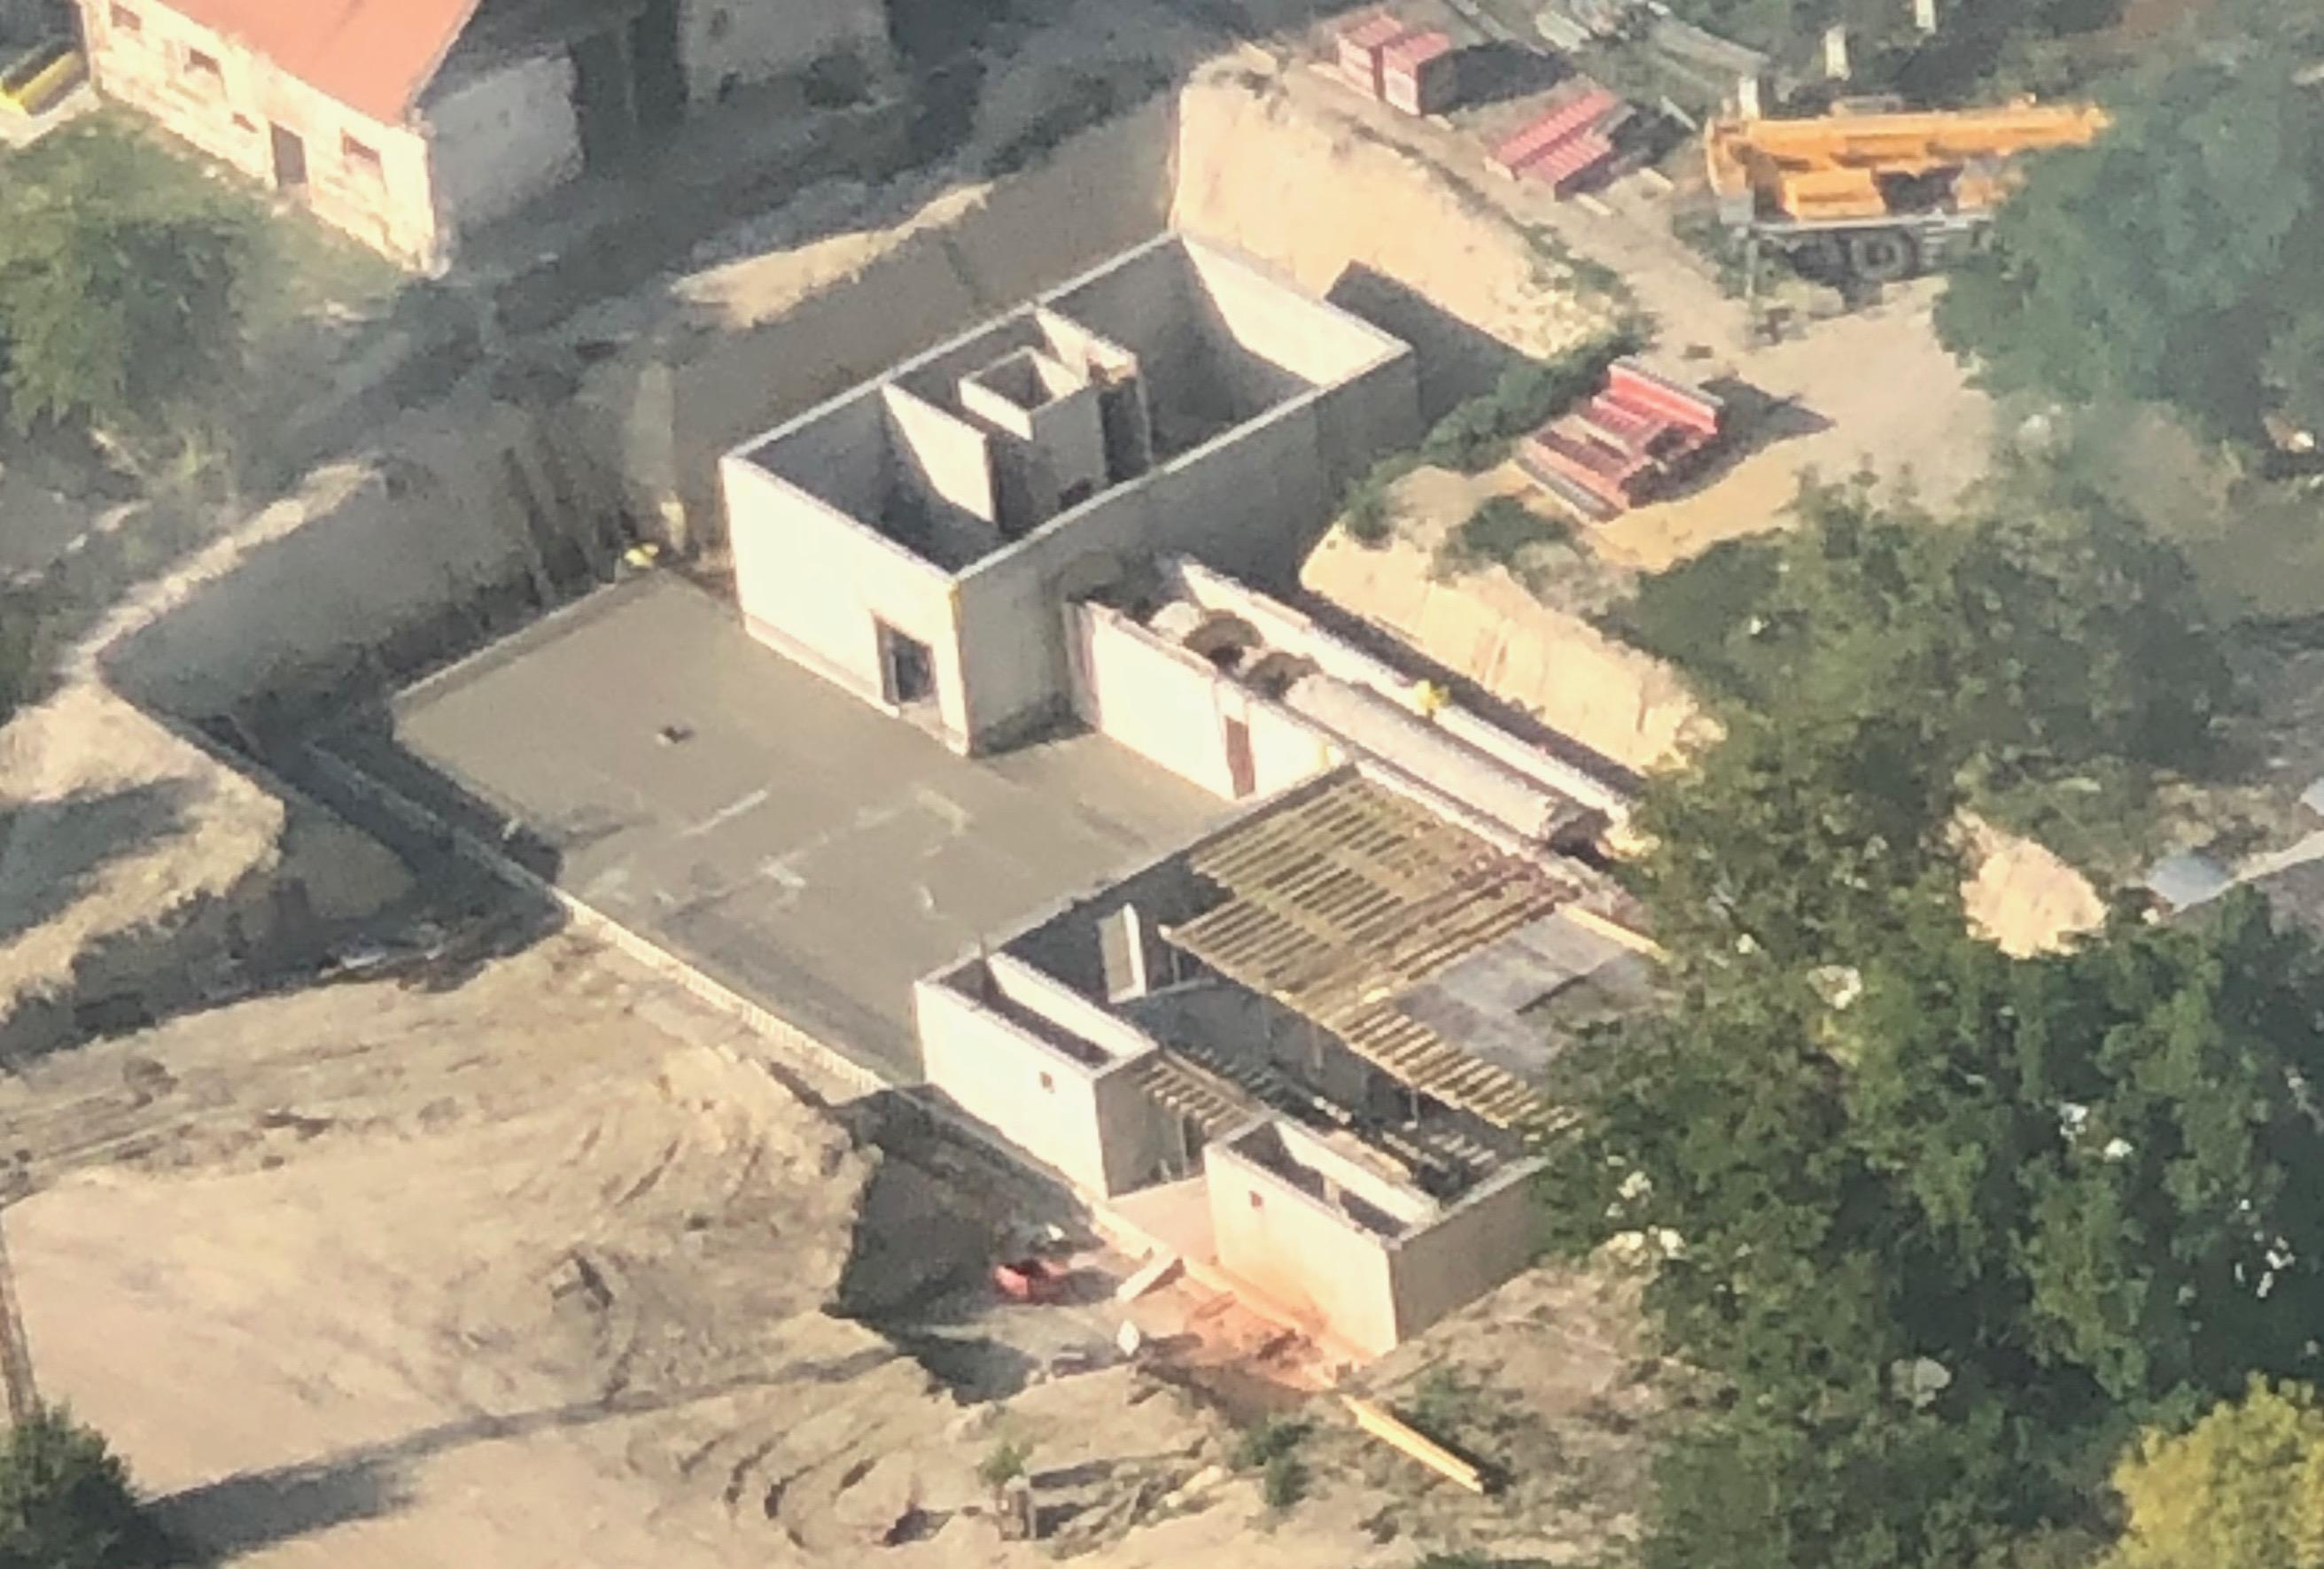 Bunker? Kazamaták? Valami nagy dolog épül a föld alatt a titkos Orbán-birtokon